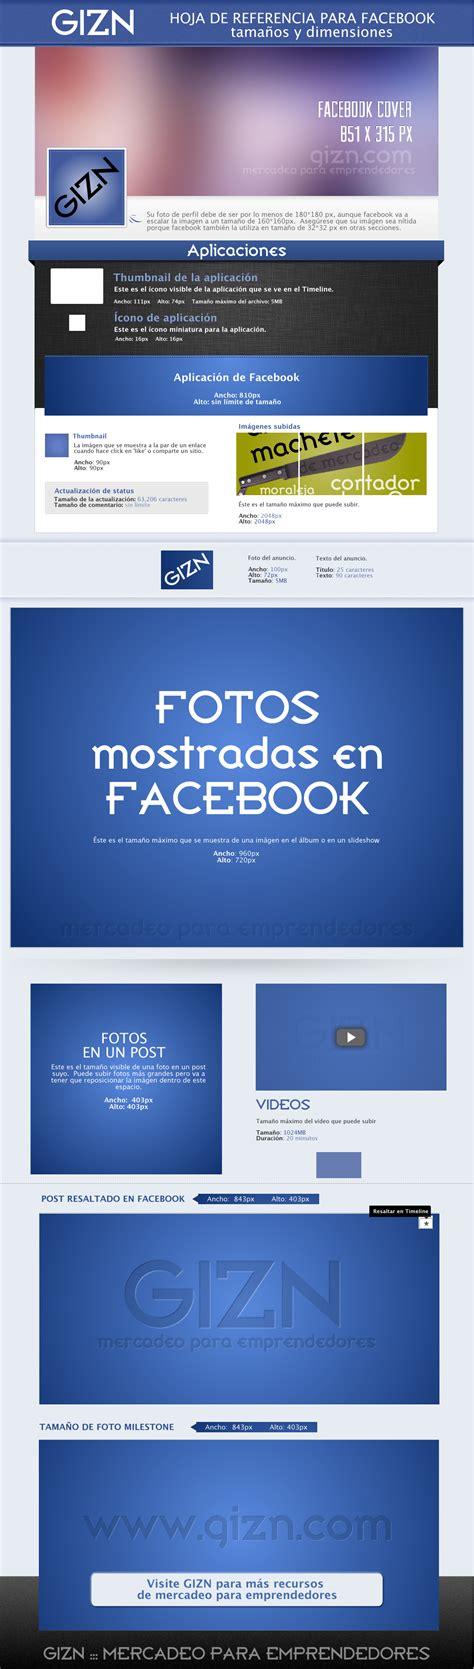 Fotos para Facebook   tamaños y dimensiones :: GIZN